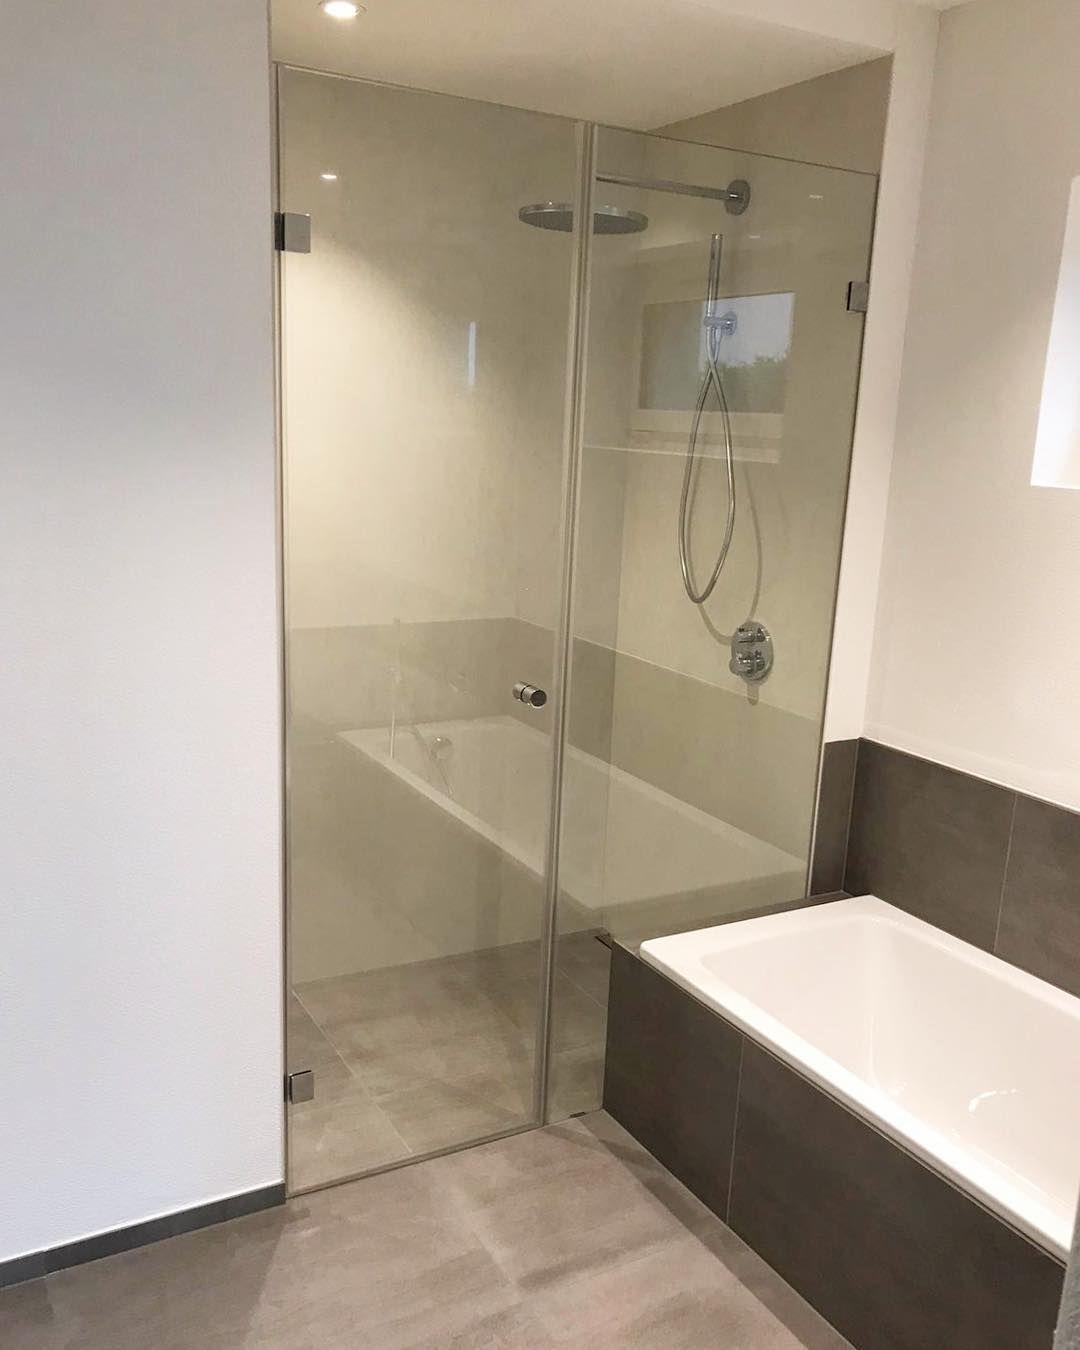 Nischenlosung Mit Wanne Glasduschen Badezimmer Badezimmer Design